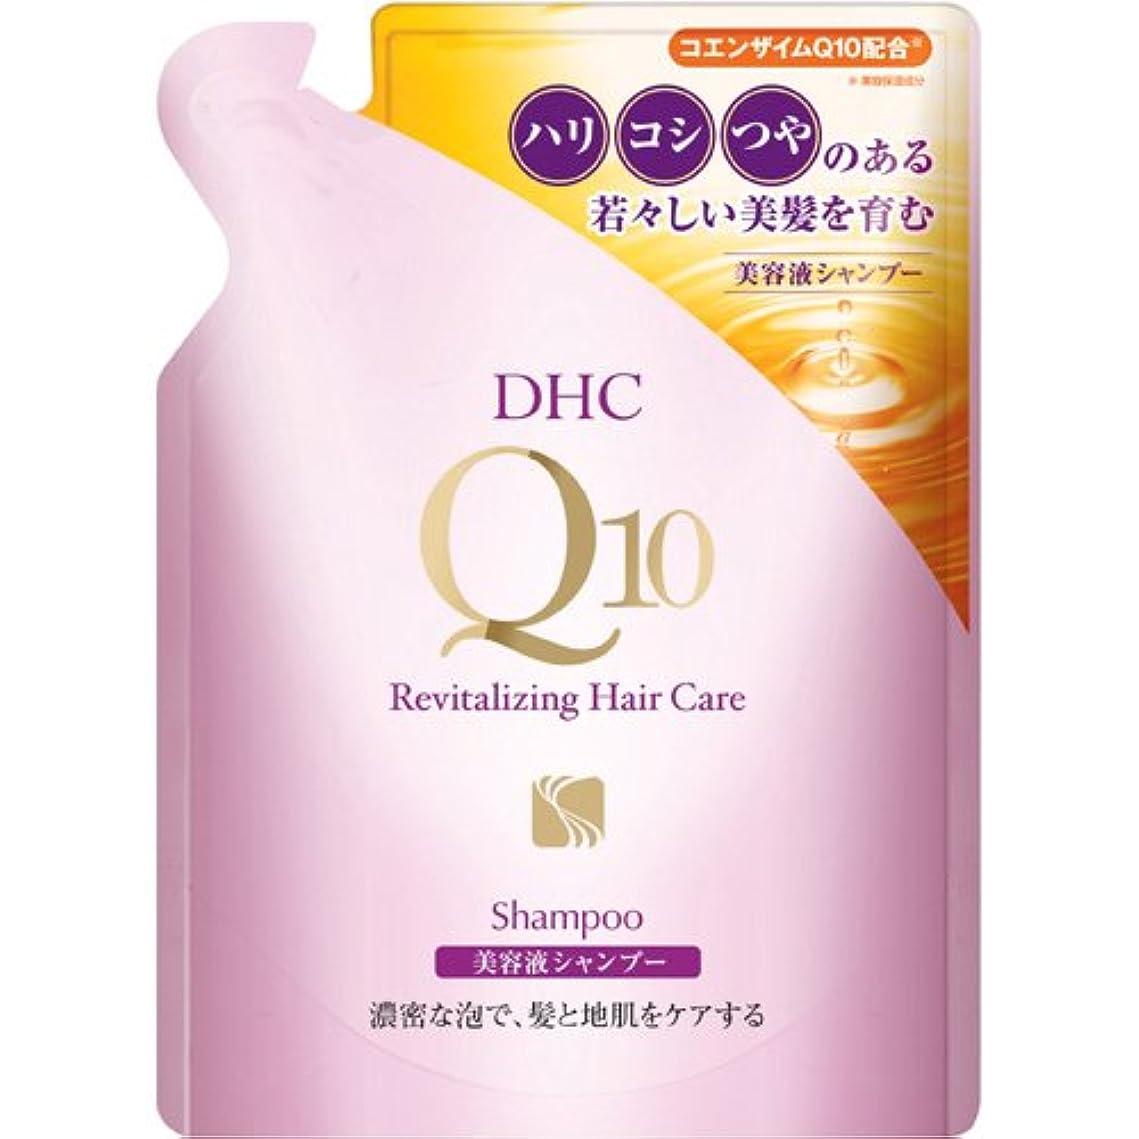 レキシコン松明孤独なDHC Q10美容液 シャンプー 詰め替え用 (SS) 240ml